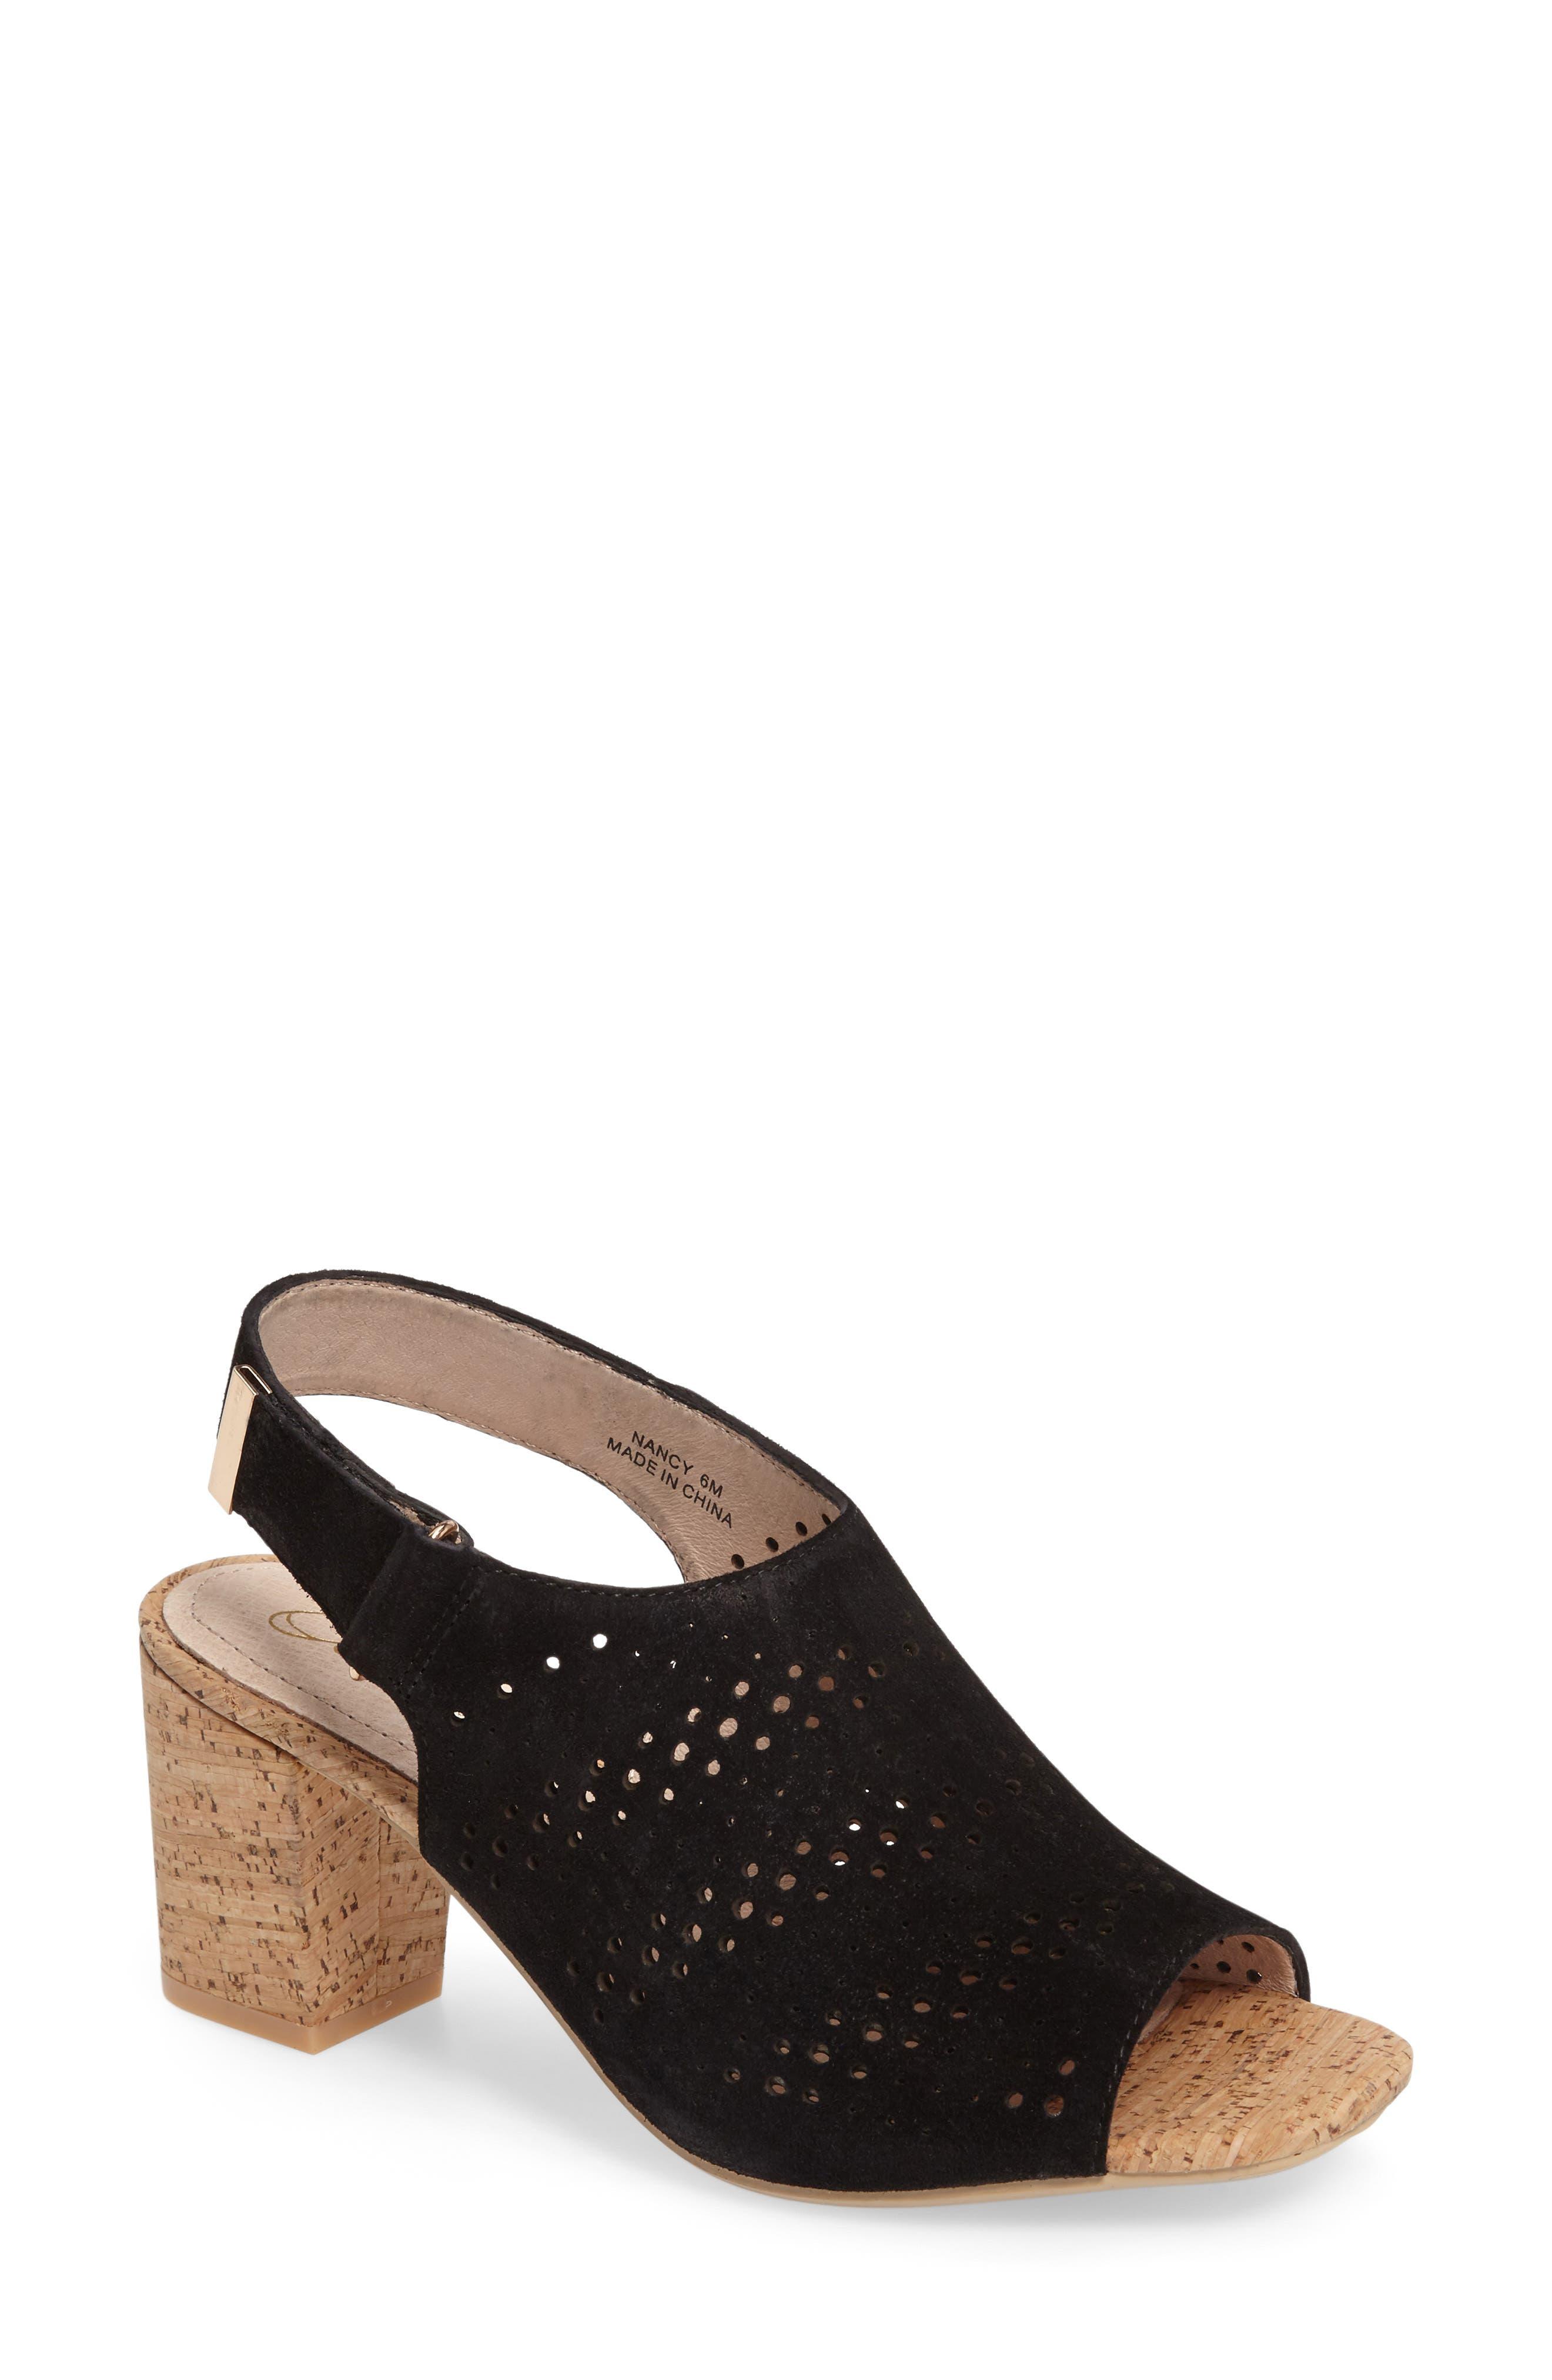 Main Image - Sudini Nancy Perforated Sandal (Women)